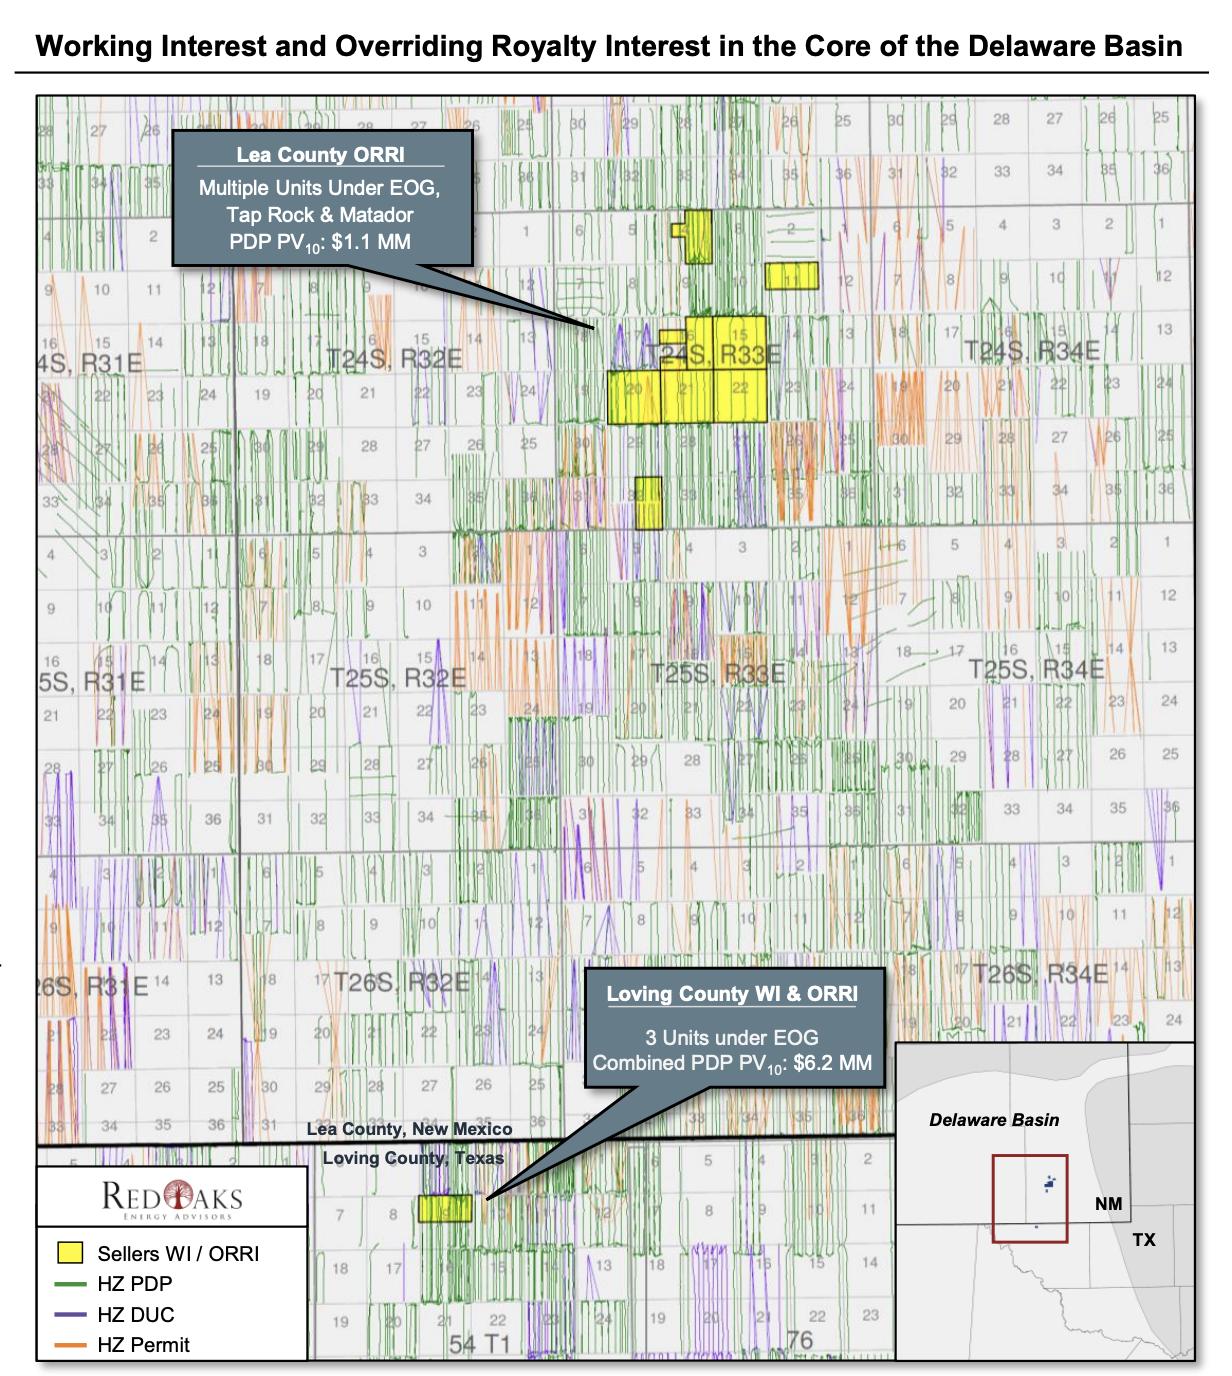 مشاوران انرژی RedOaks نقشه به بازار عرضه کردند _ Tessara Petroleum Resources خصوصی فروشنده بسته Delaware Basin